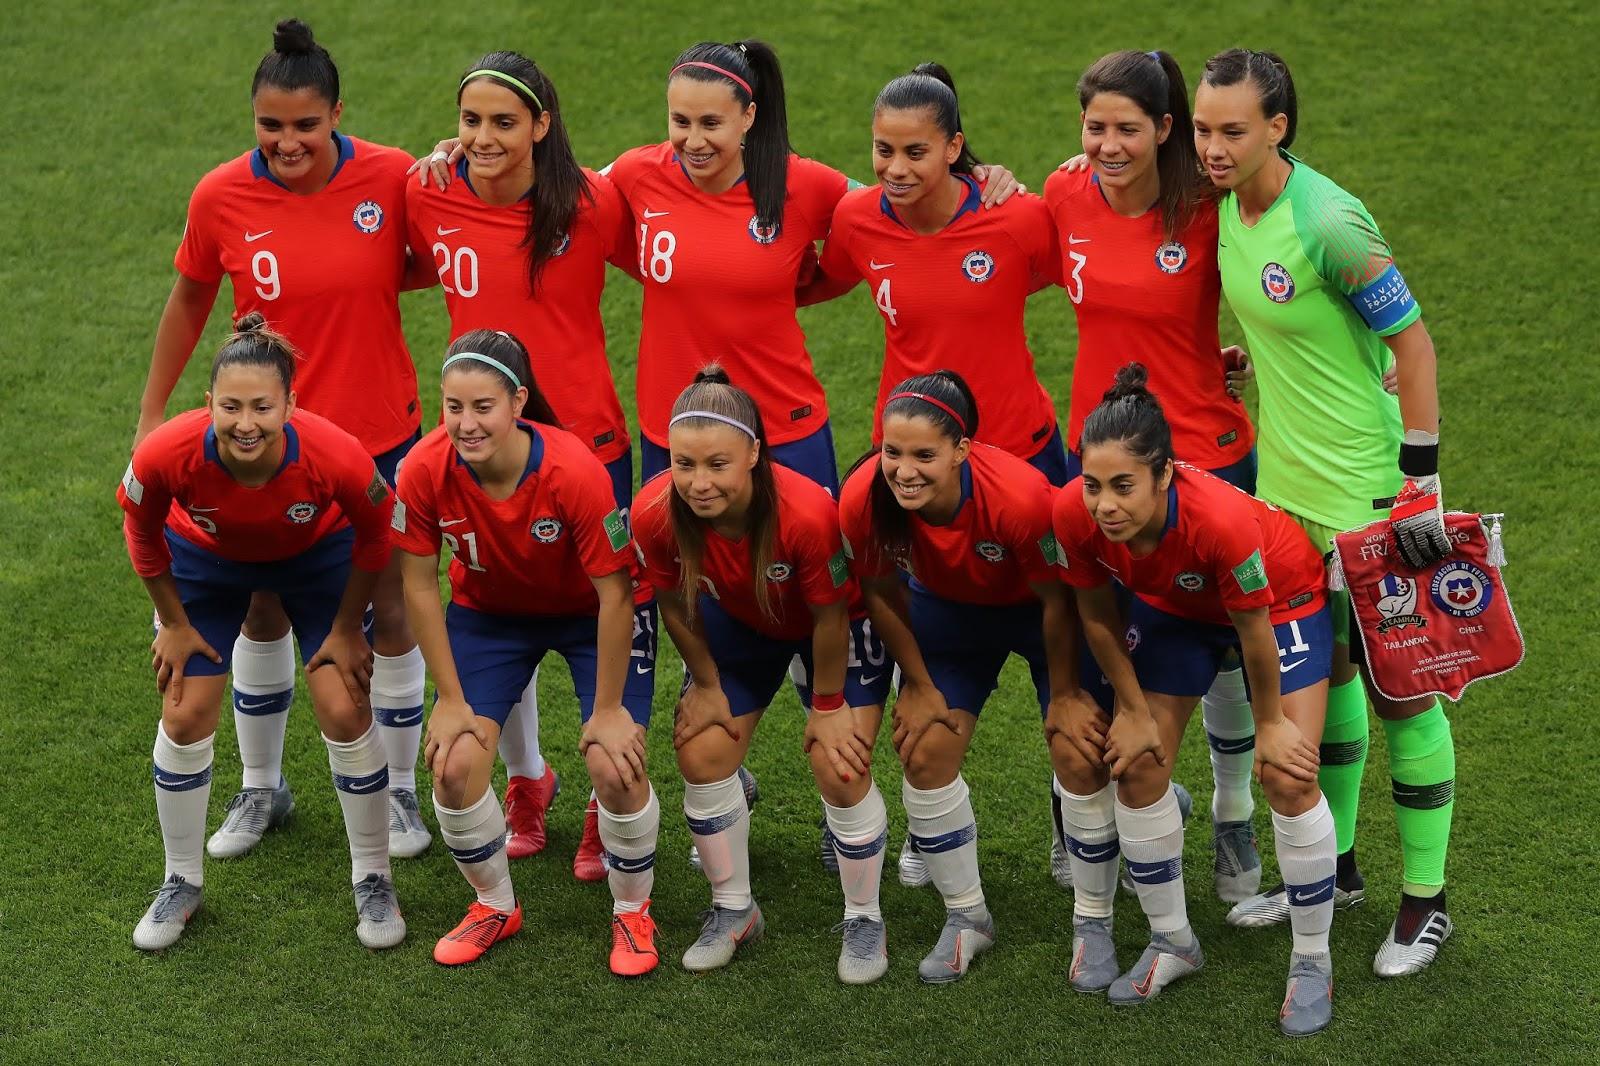 Formación de selección de Chile ante Tailandia, Copa Mundial Femenina de Fútbol Francia 2019, 20 de junio